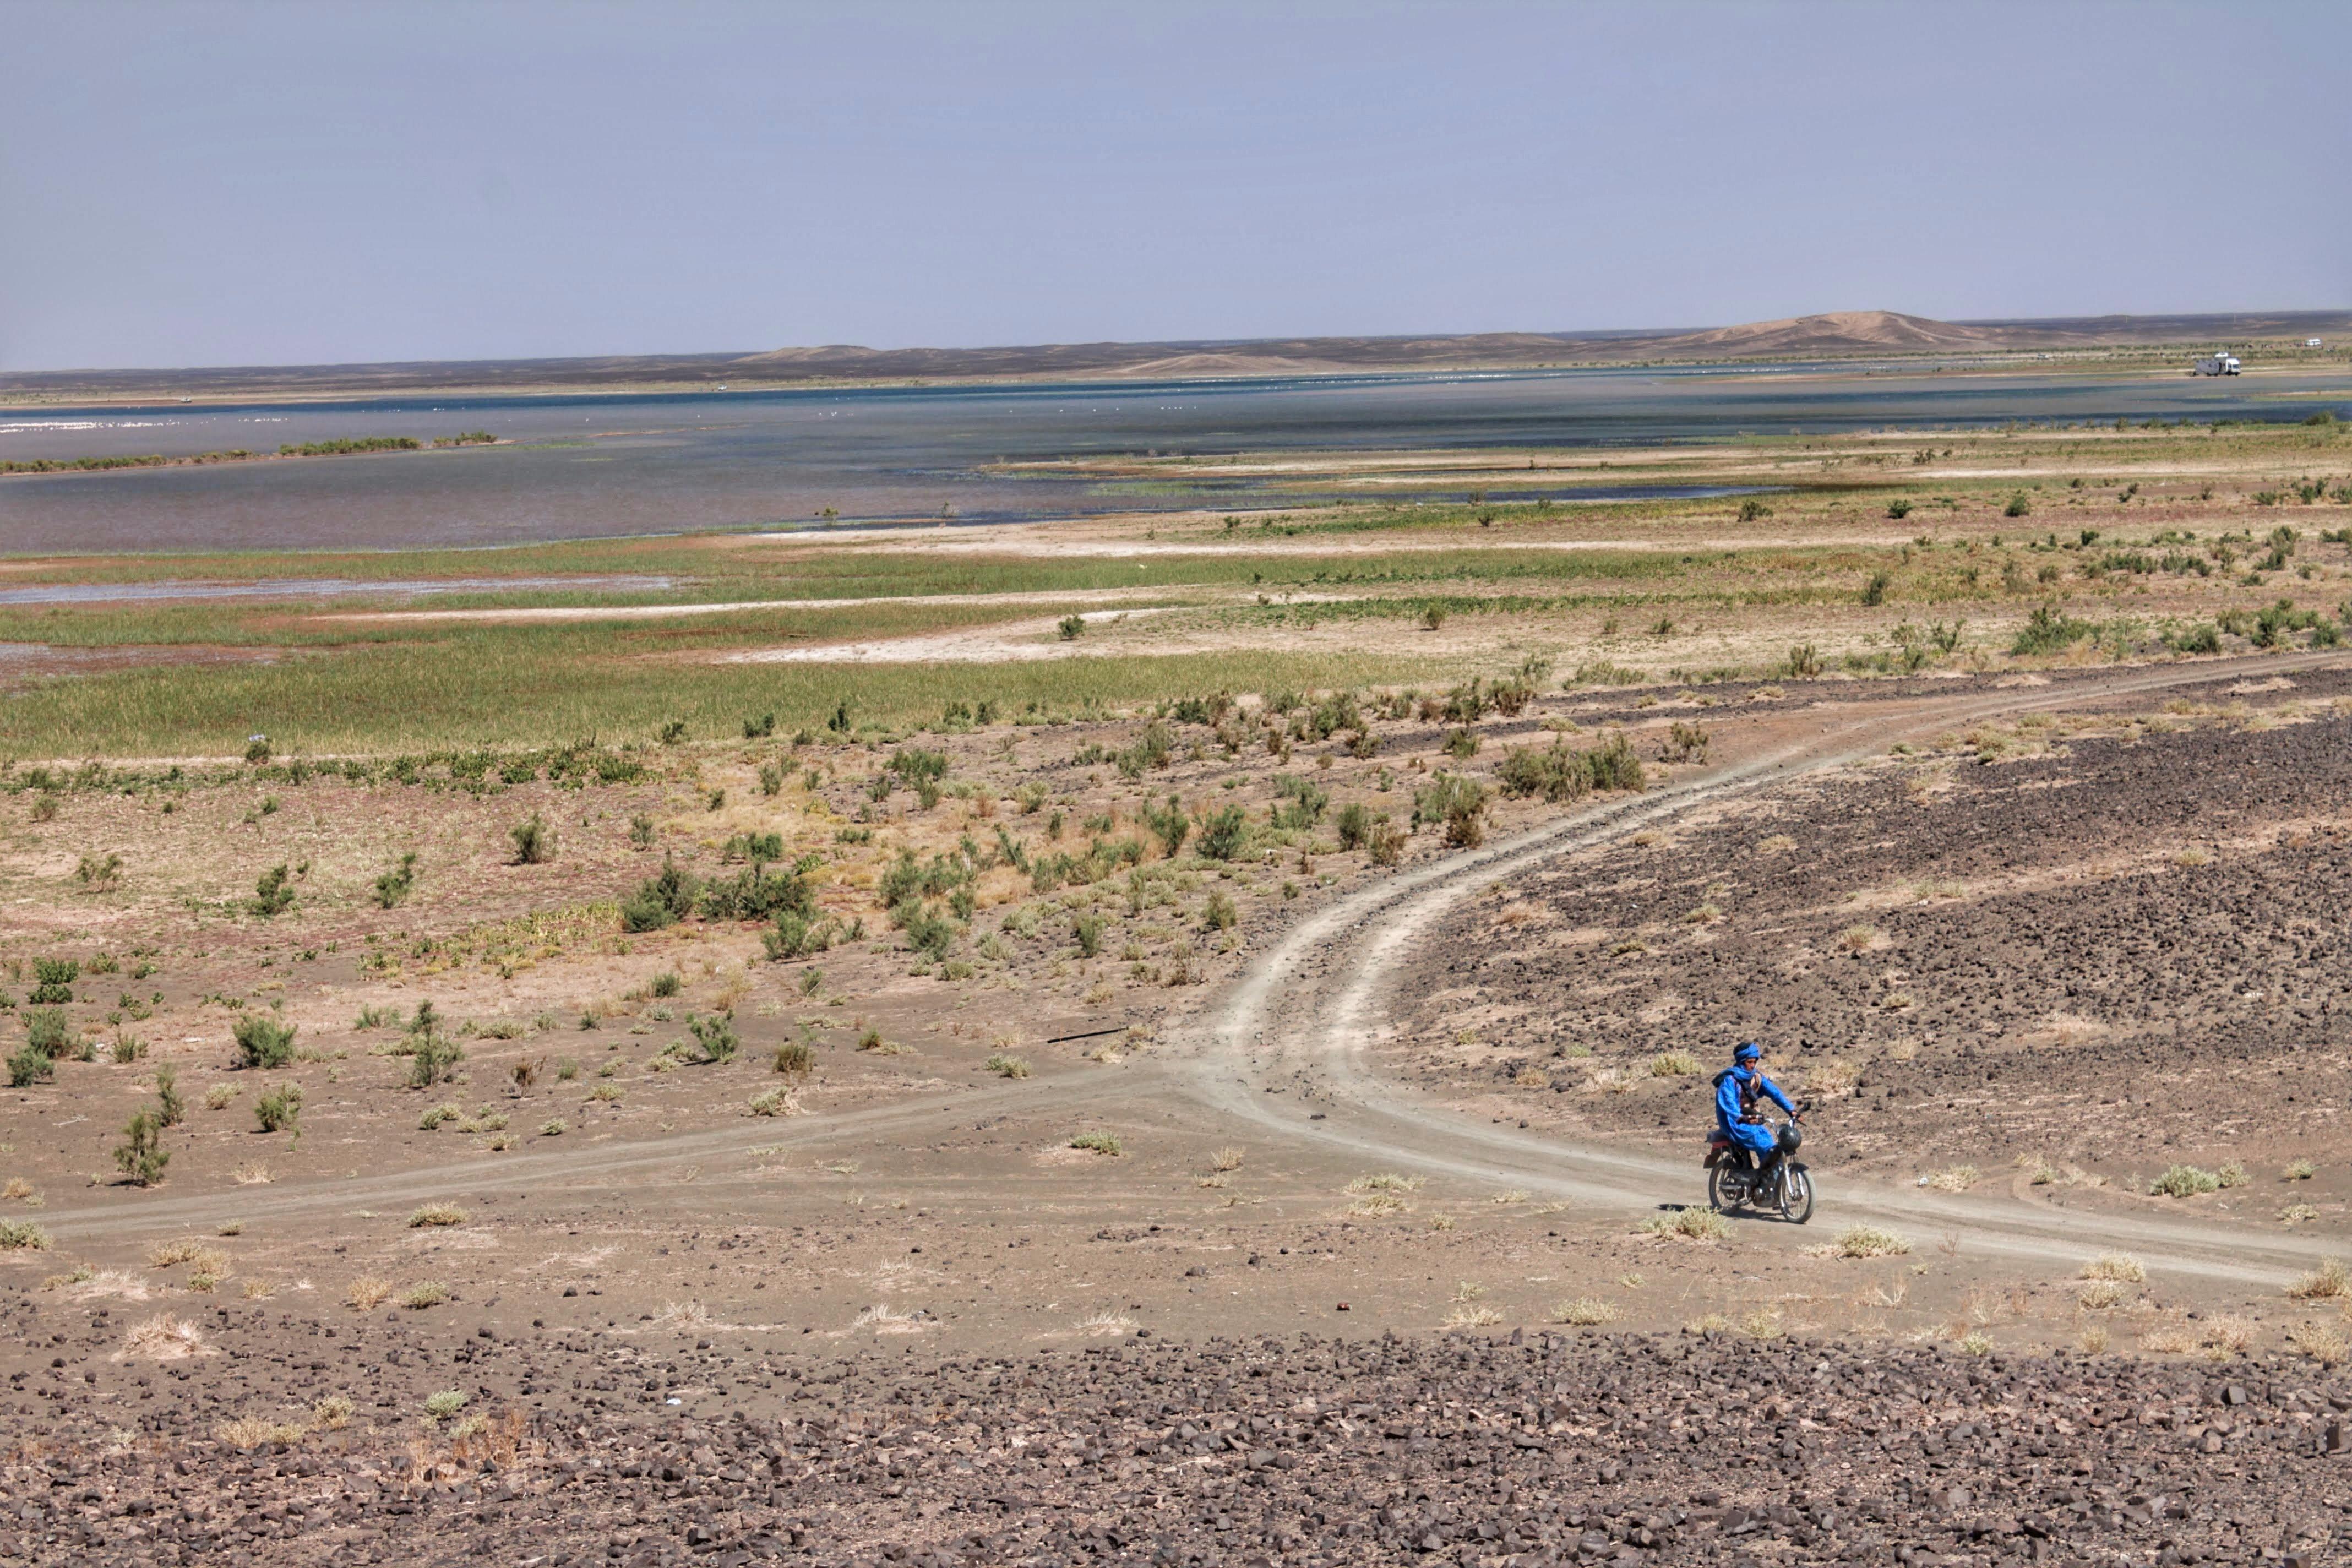 Desierto de Merzouga: Que ver y hacer